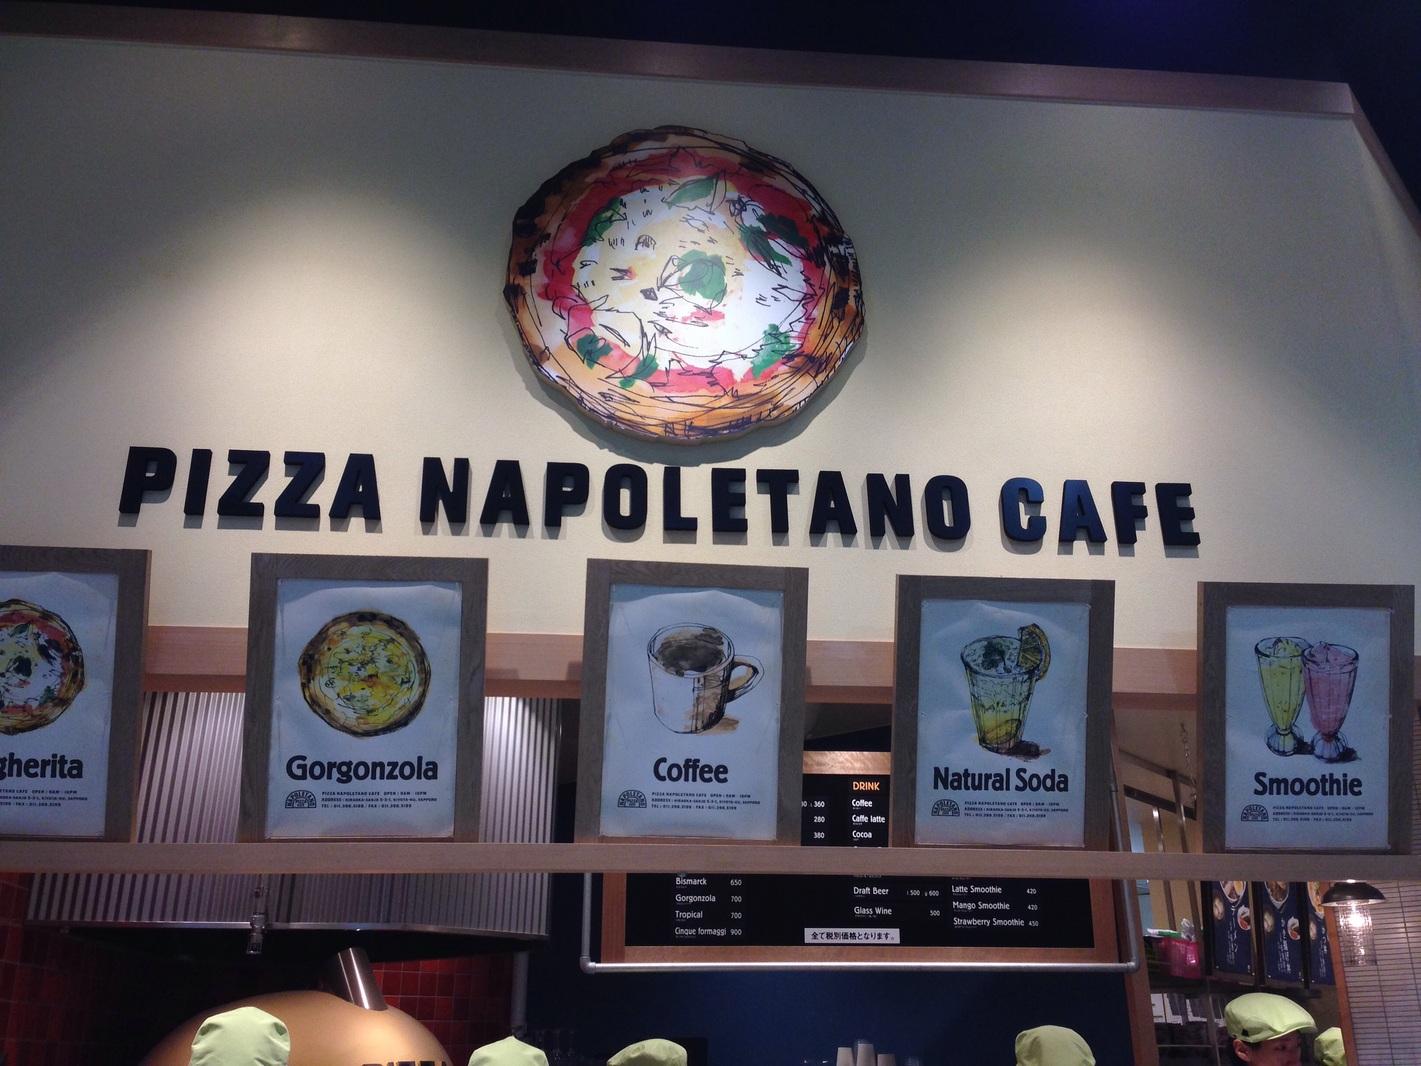 ピッツァナポレターノカフェ 札幌平岡イオンモール店